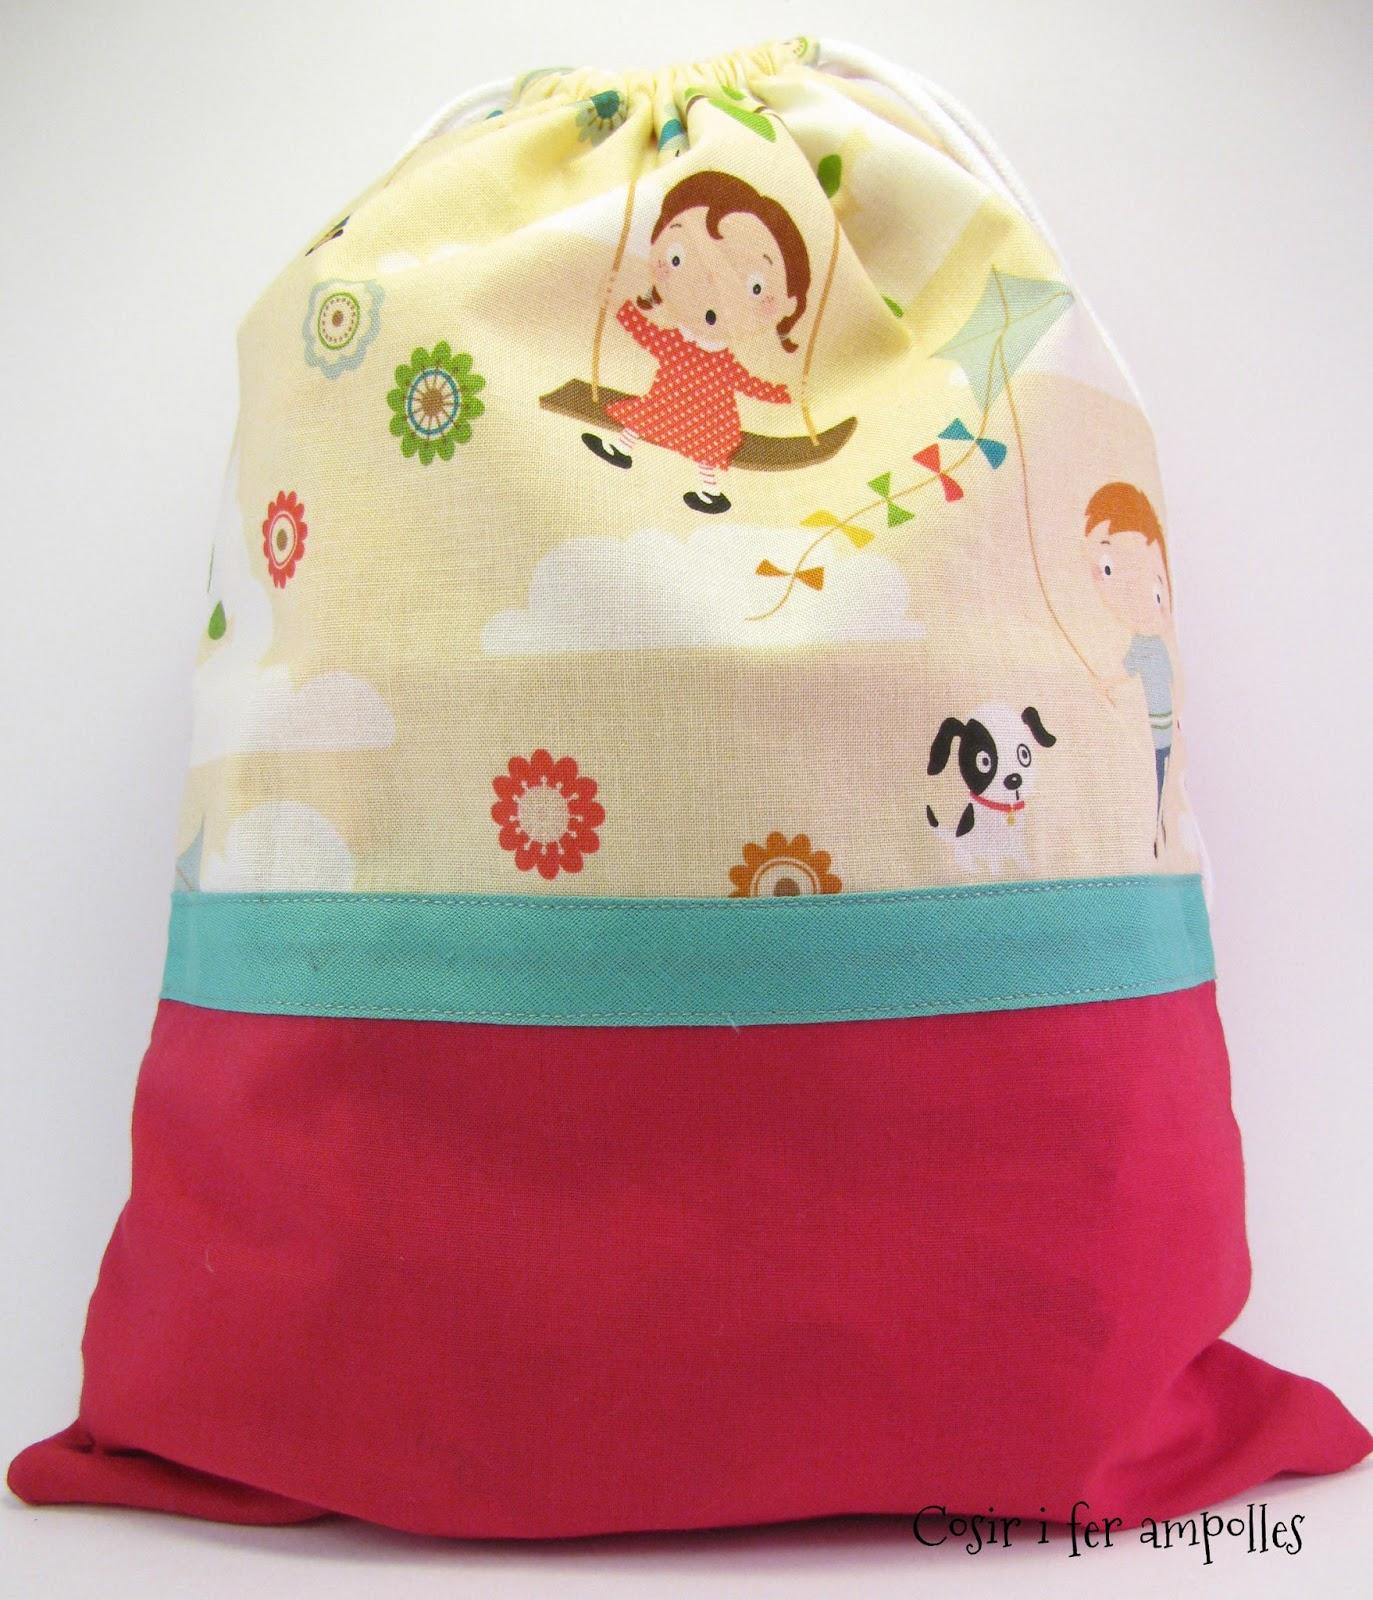 Cosir i fer ampolles bolsas de tela para llevar lo que - Bolsas de tela para ninos ...